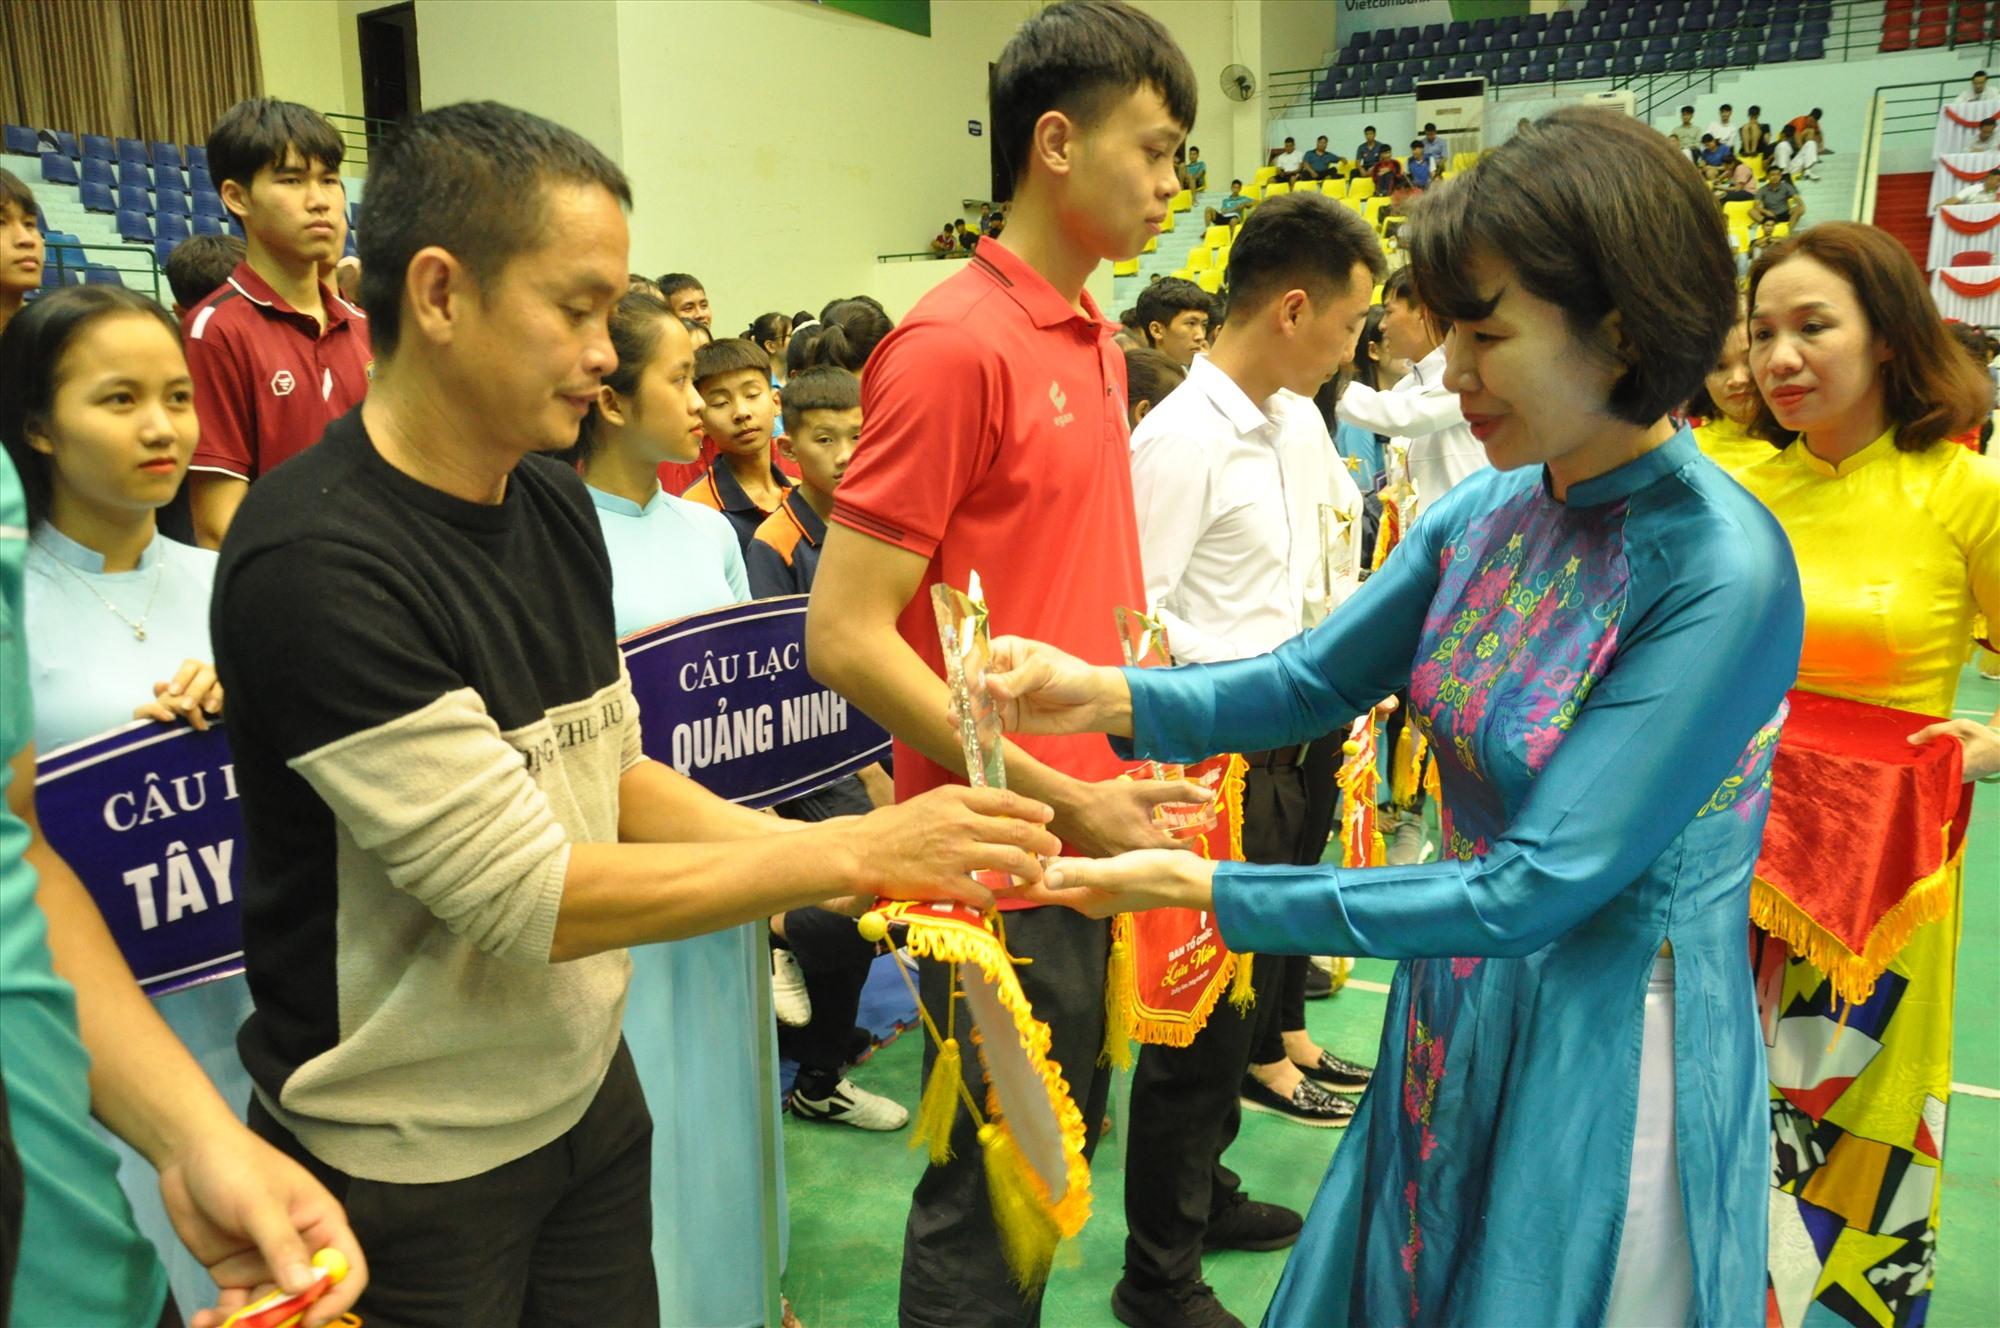 Bà Lê Thị Hoàng Yến - Phó Tổng cục trưởng Tổng cục TD-TT động viên các vận động viên. Ảnh: T.V